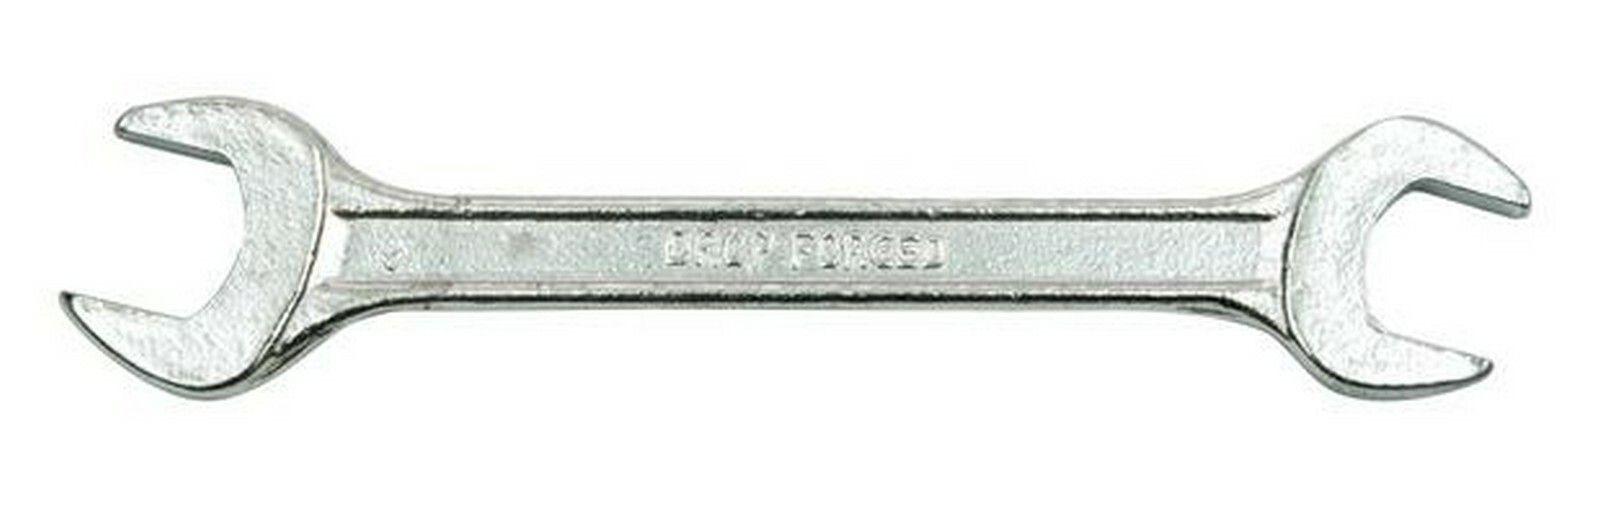 Klíč plochý 12 x 13 mm TOYA